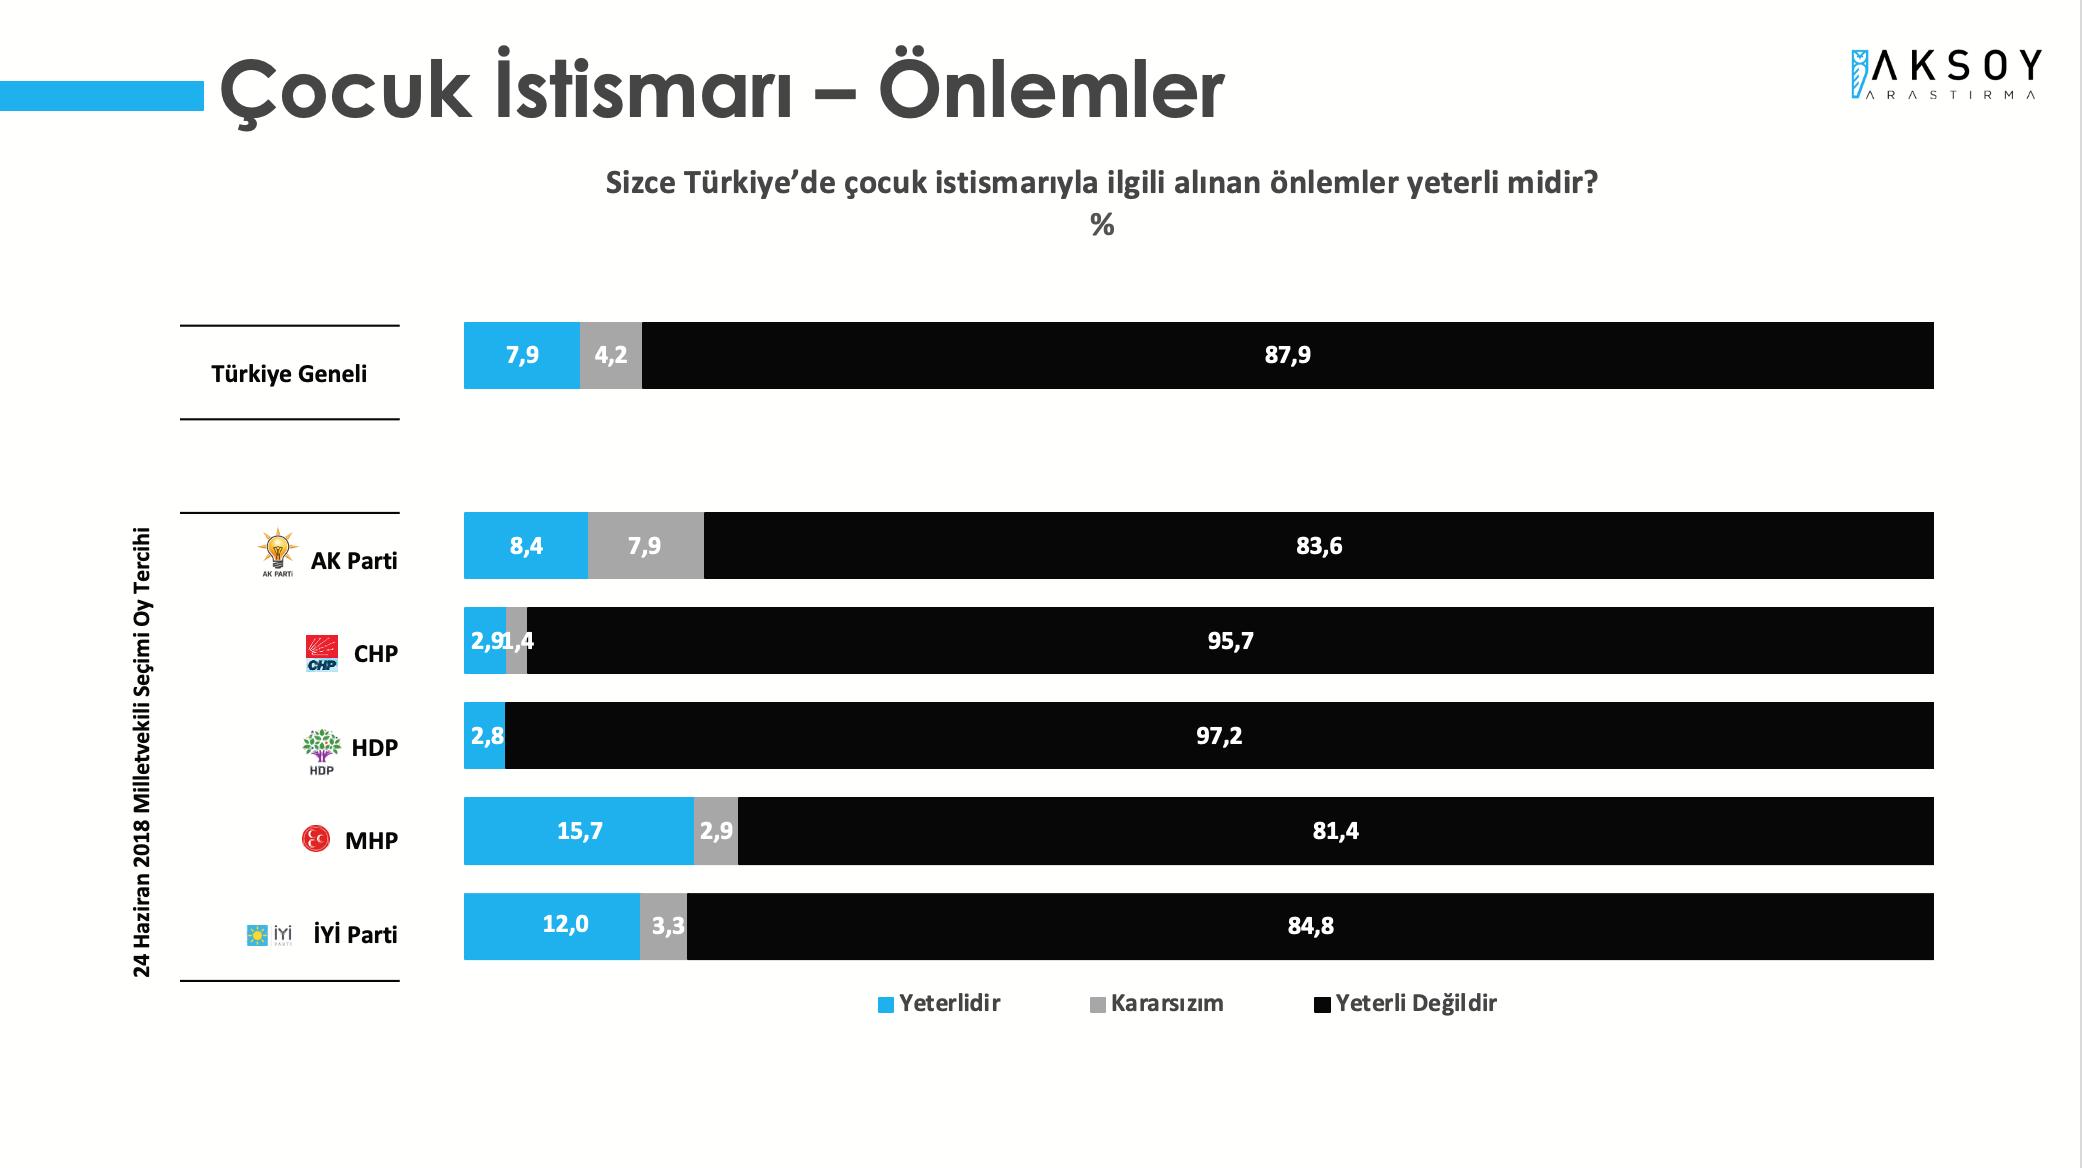 <p><strong>İSTİSMARCILAR HAK ETTİĞİ CEZAYI ALMIYOR</strong></p><p>Araştırmaya katılanların <strong>%87,9'u Türkiye'de çocuk istismarına yönelik alınan önlemlerin yeterli </strong><strong>olmadığını belirtti.</strong></p><p>Önlemlerin yeterli olduğunu belirtenlerin oranı Türkiye genelinde %7,9, kararsız olanların oranı ise %4,2 oldu.</p>